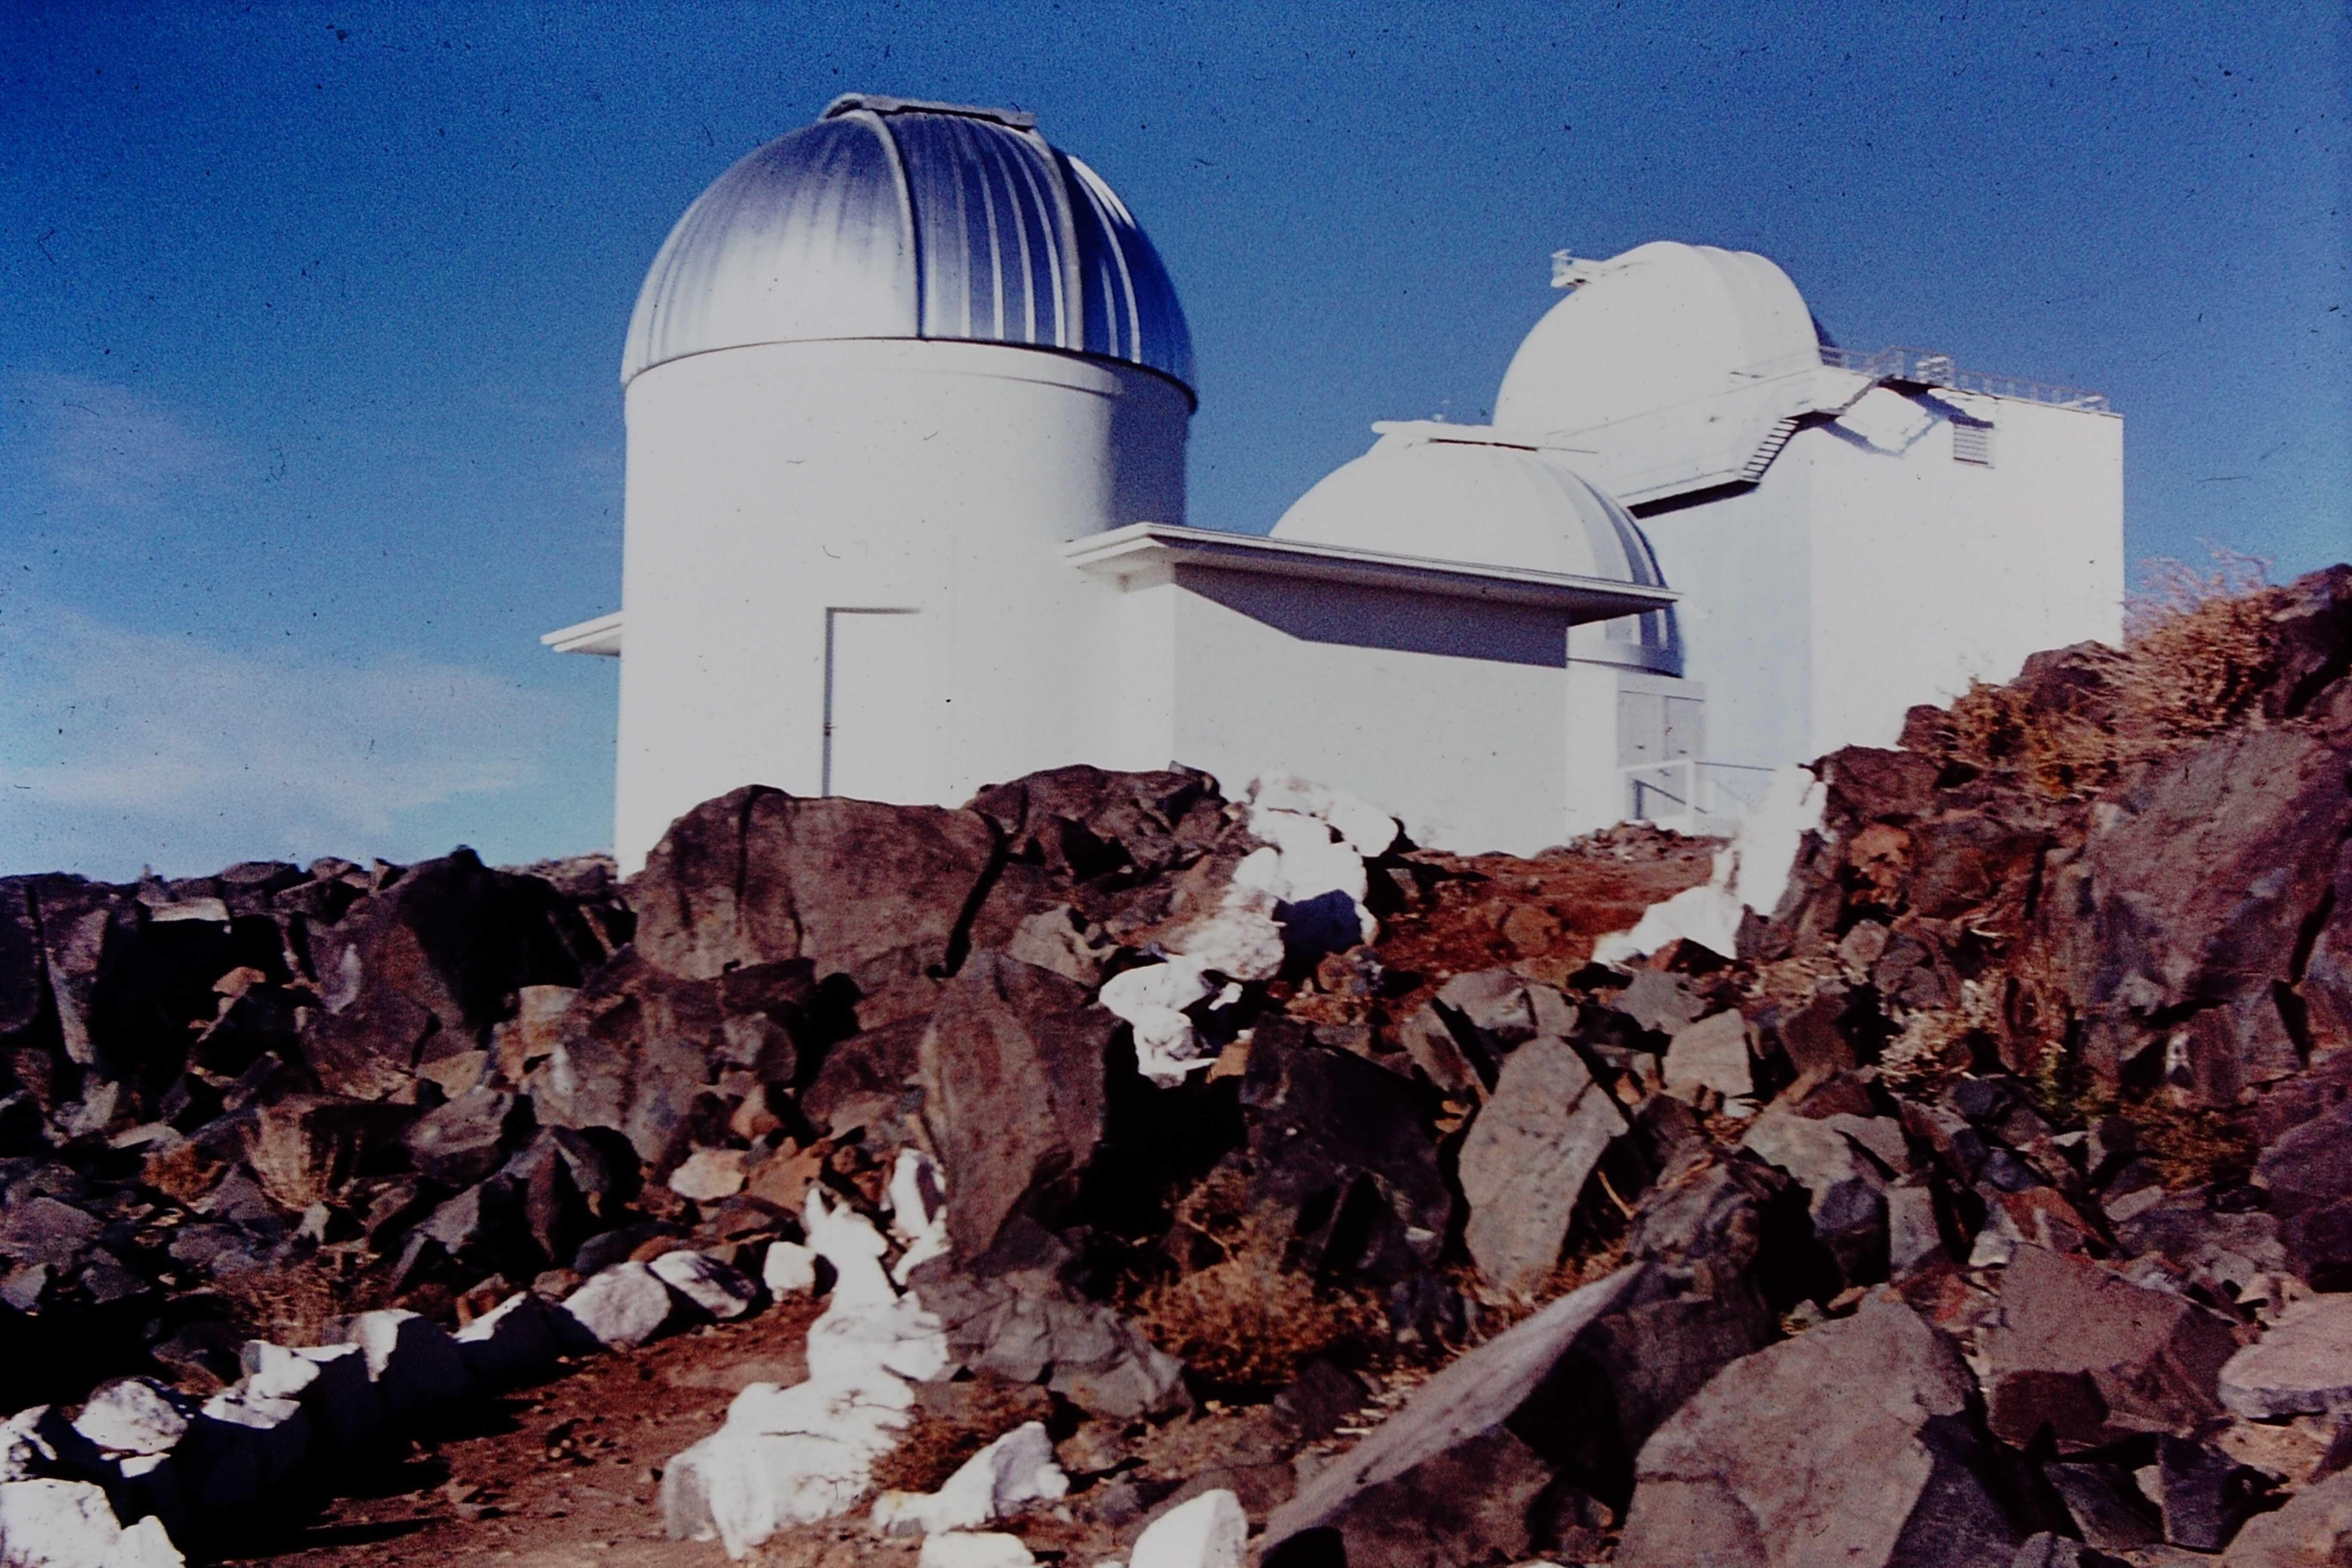 Enterreno - Fotos históricas de chile - fotos antiguas de Chile - Observatorio Cerro La Silla, 70s